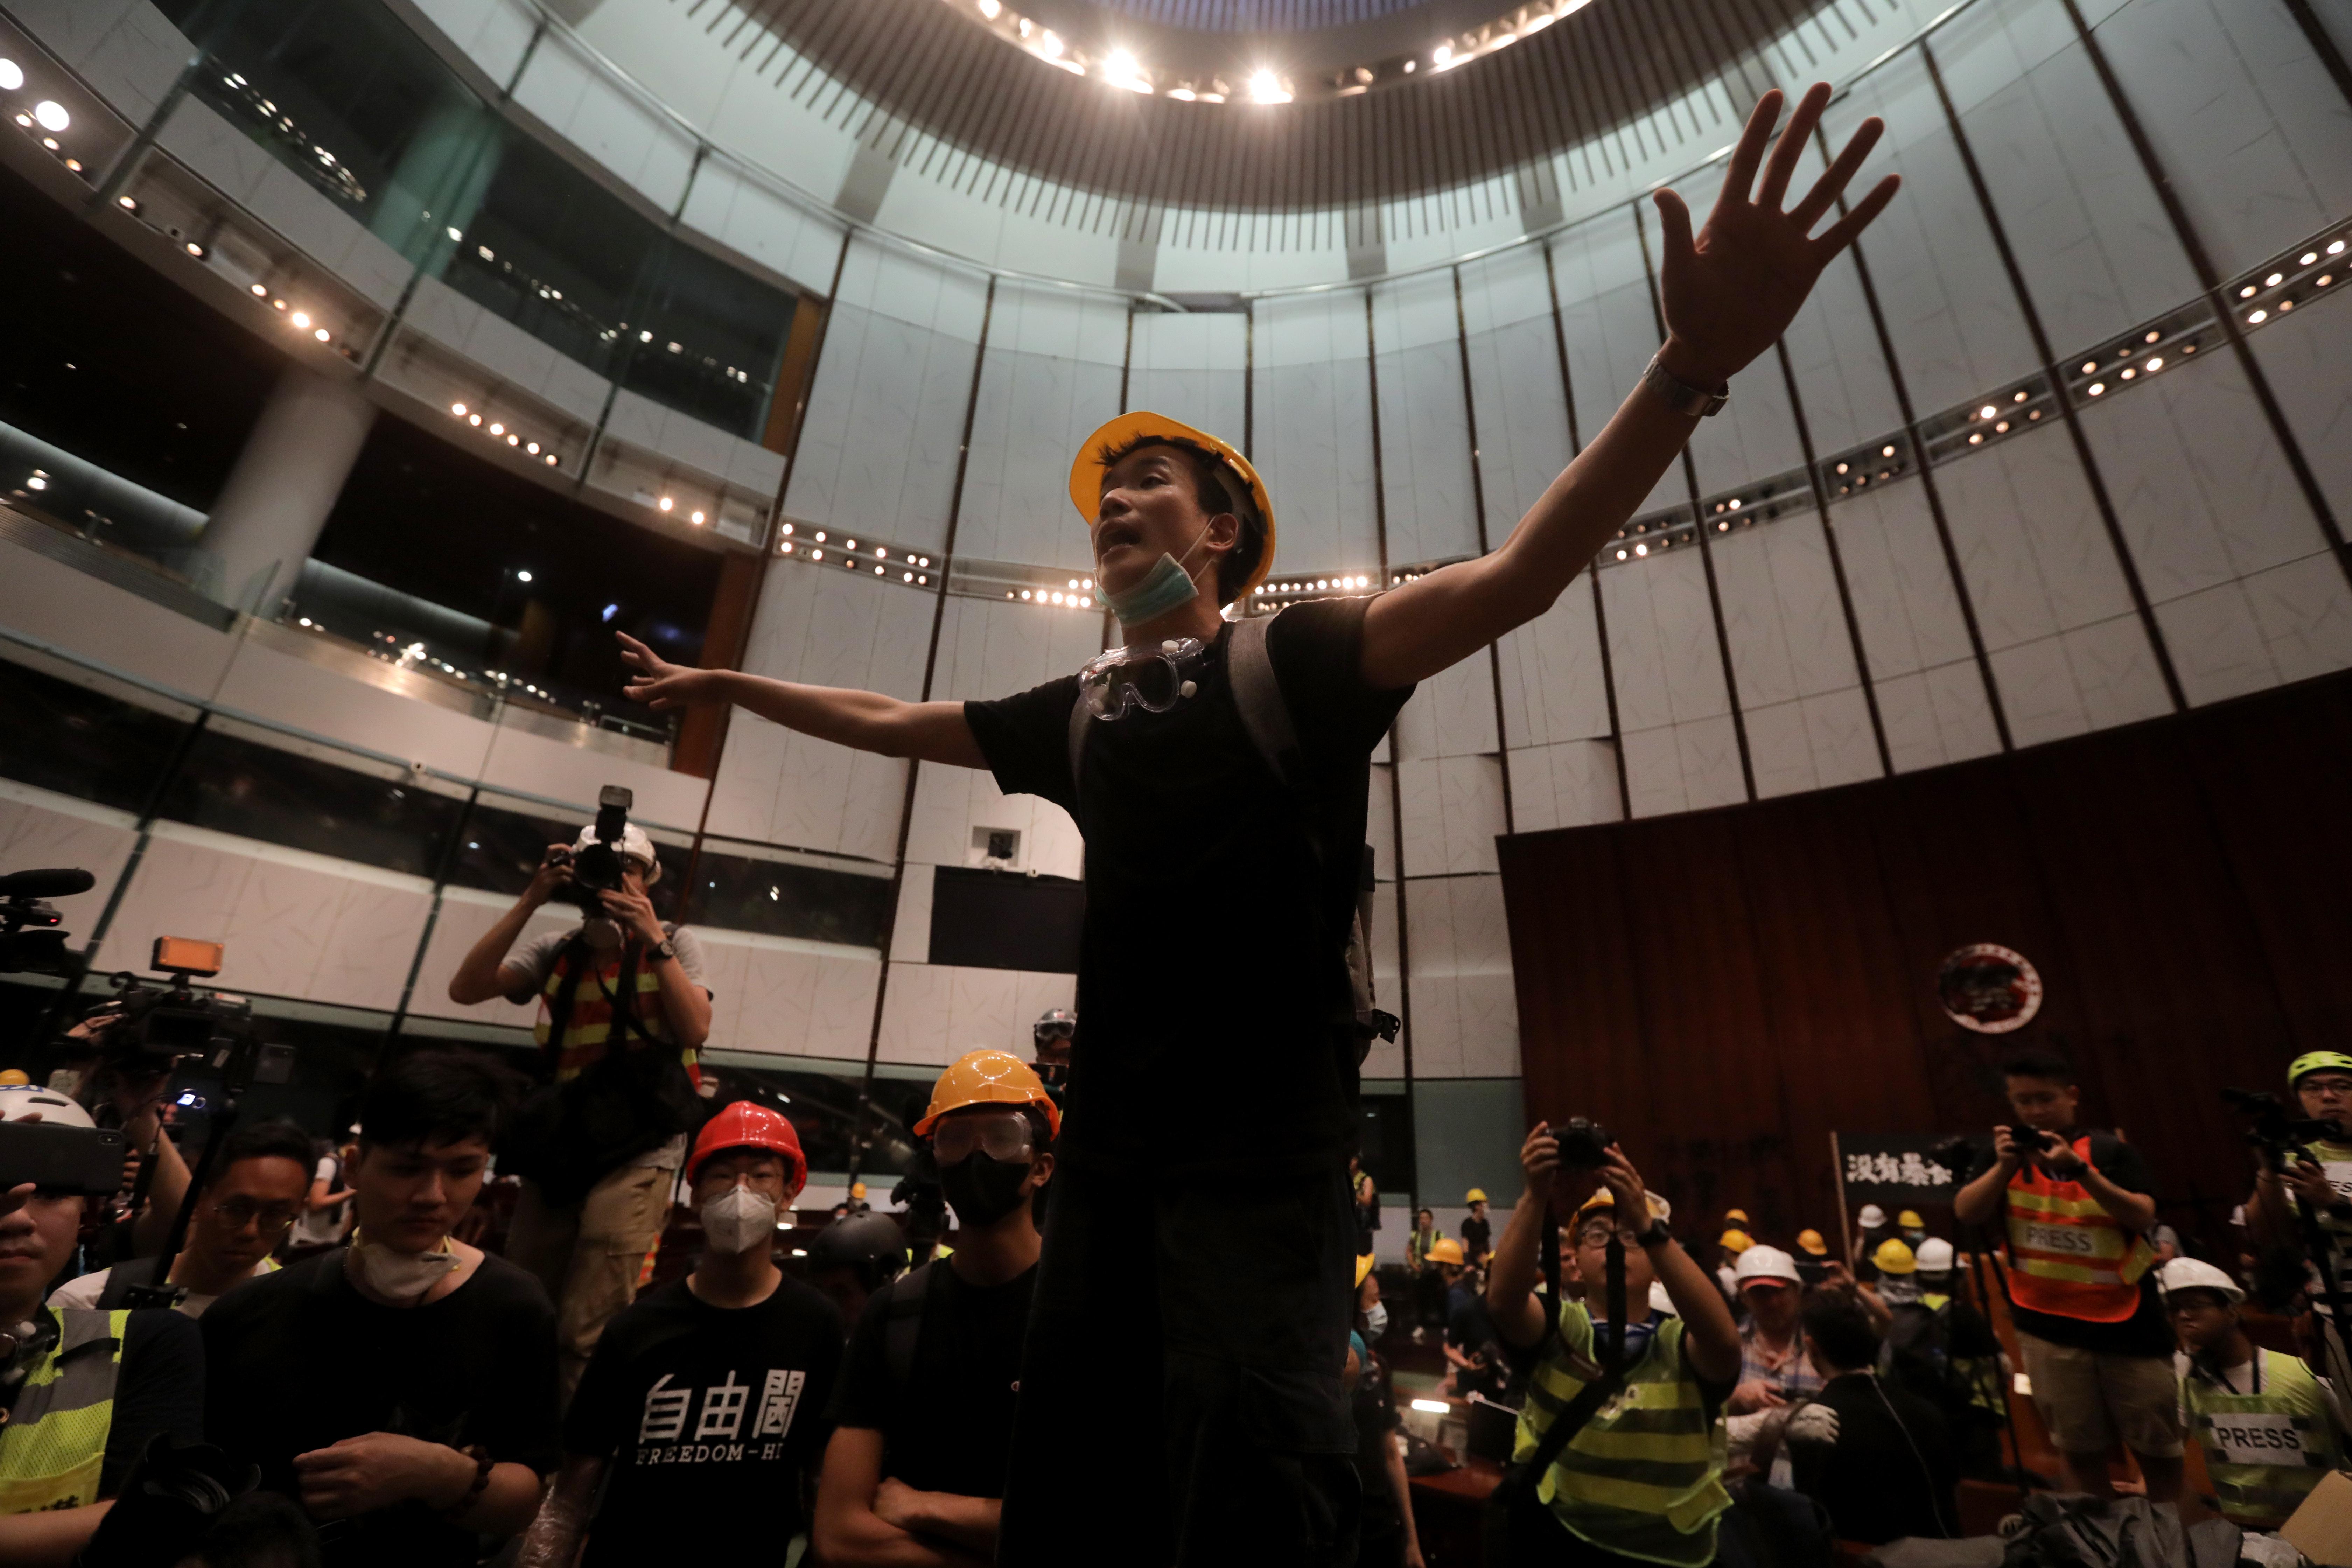 Kína már nyíltan fenyegeti a hongkongi tüntetőket: Ne játsszatok a tűzzel!